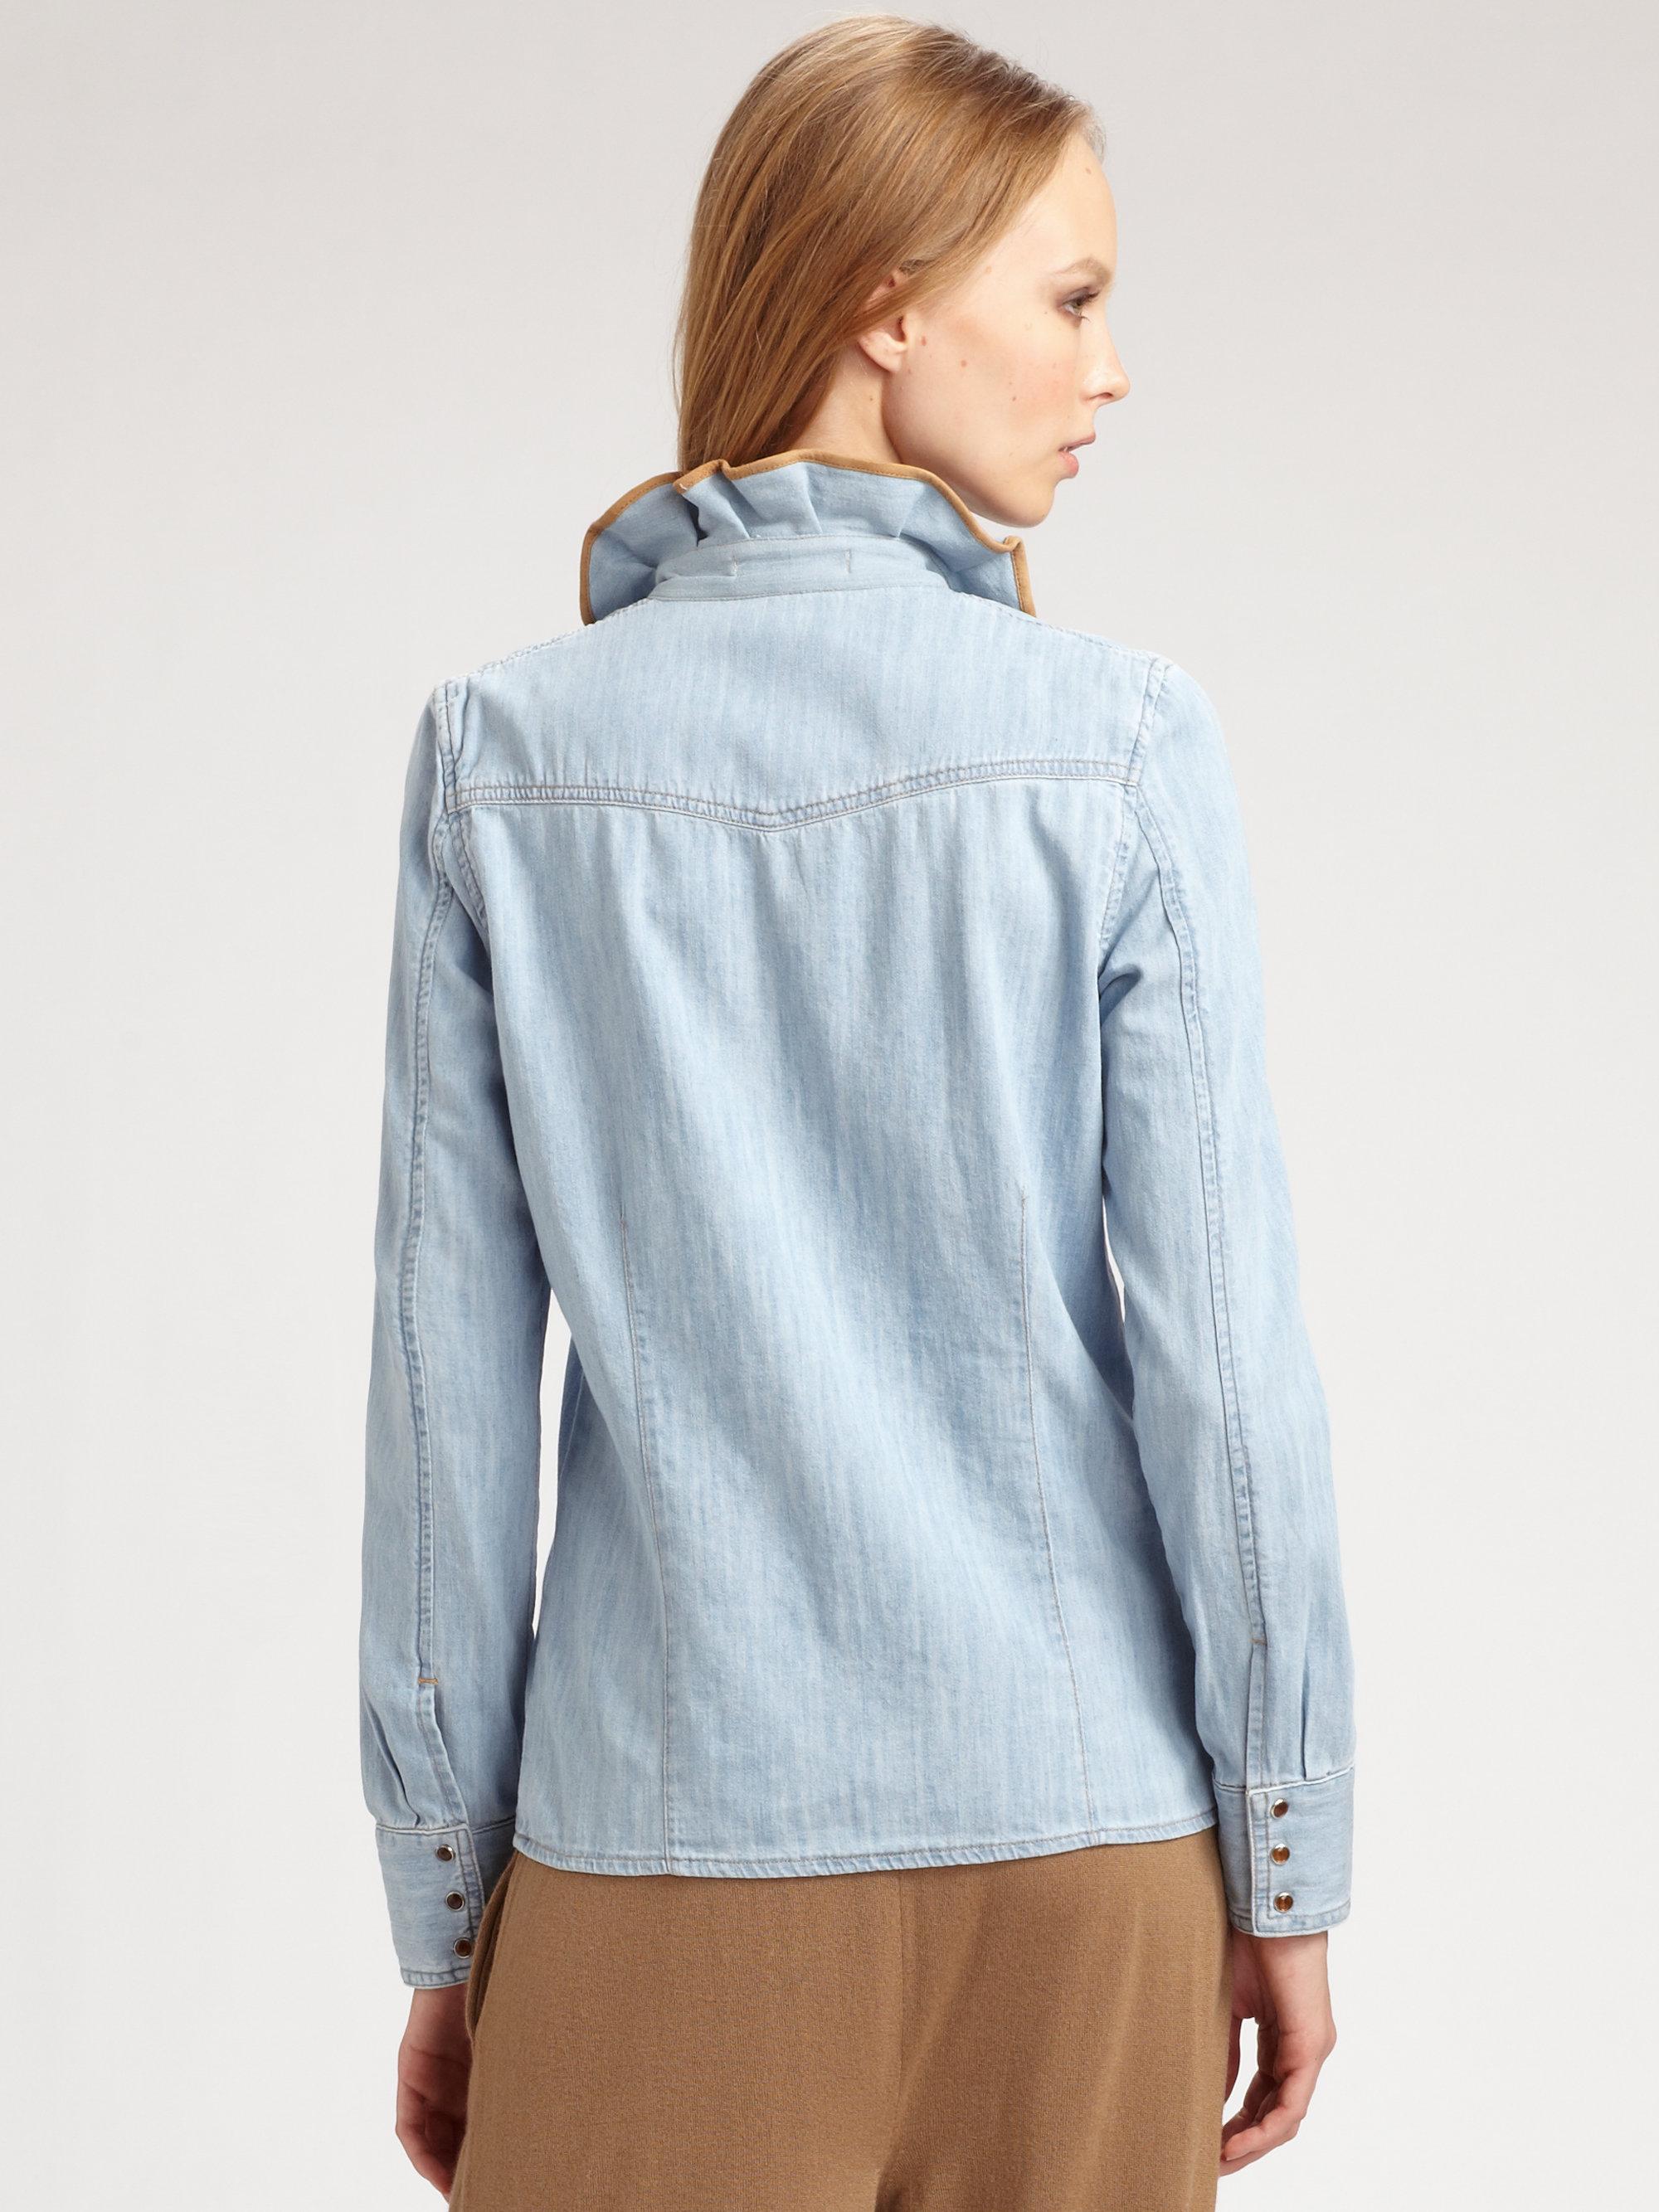 Jacquard Spot Ruffle Shirt - Tops - Clothing - Topshop Europe |Ruffle Shirt